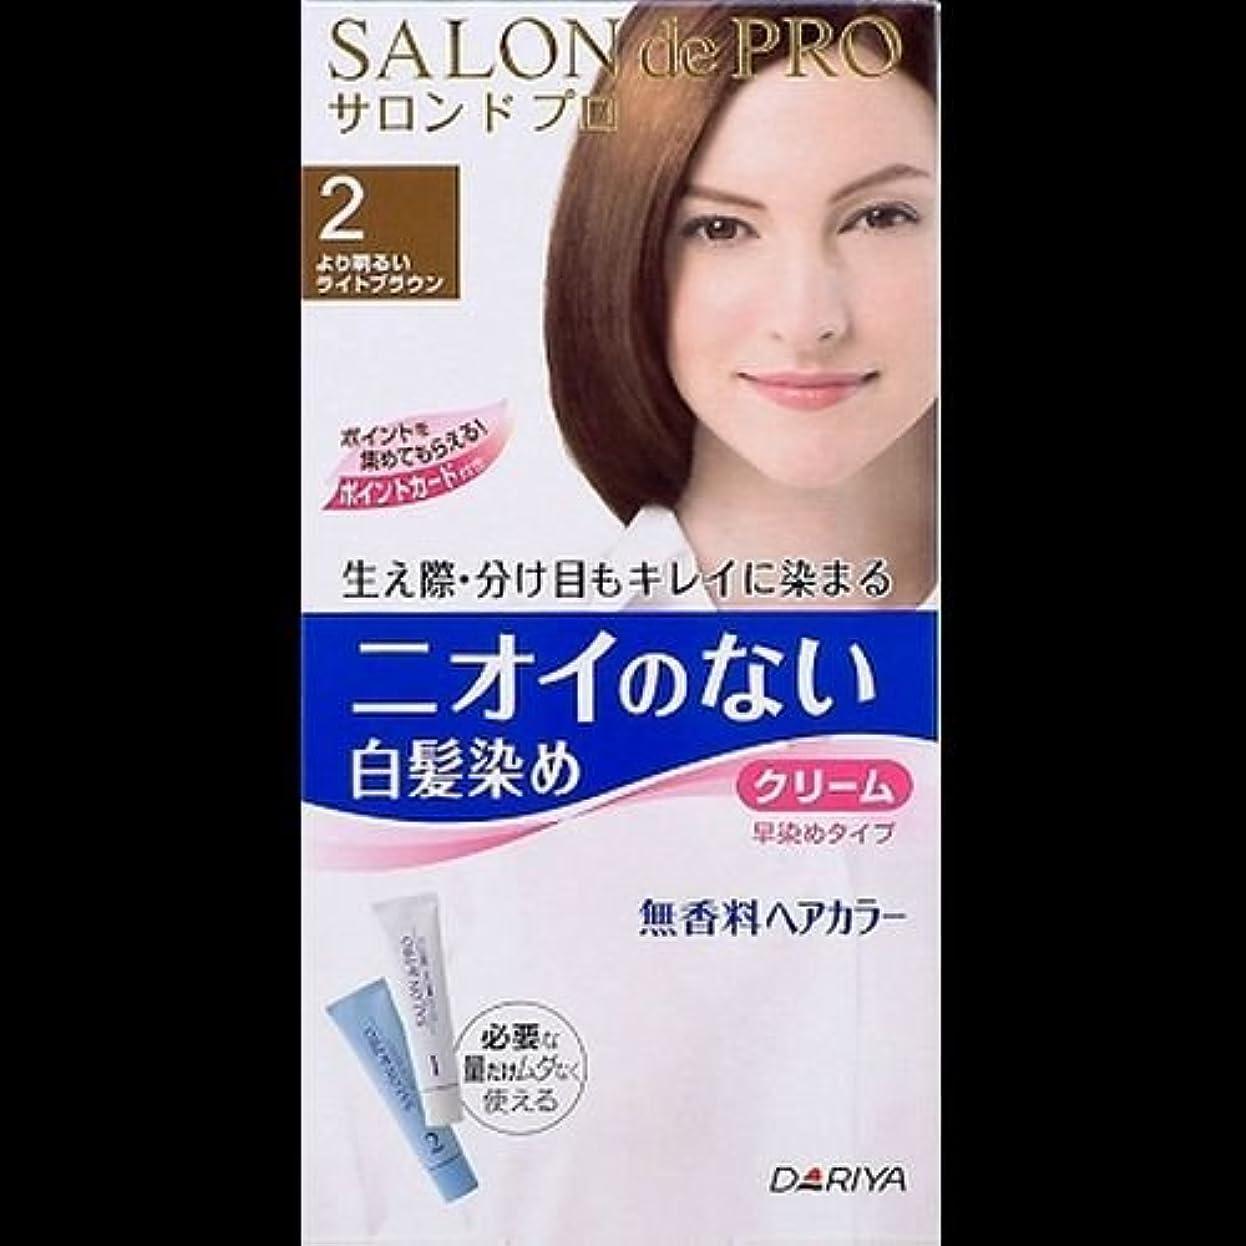 遅らせるもしバランス【まとめ買い】サロンドプロ 無香料ヘアカラー クリーム 白髪用 2 より明るいライトブラウン(1セット) ×2セット